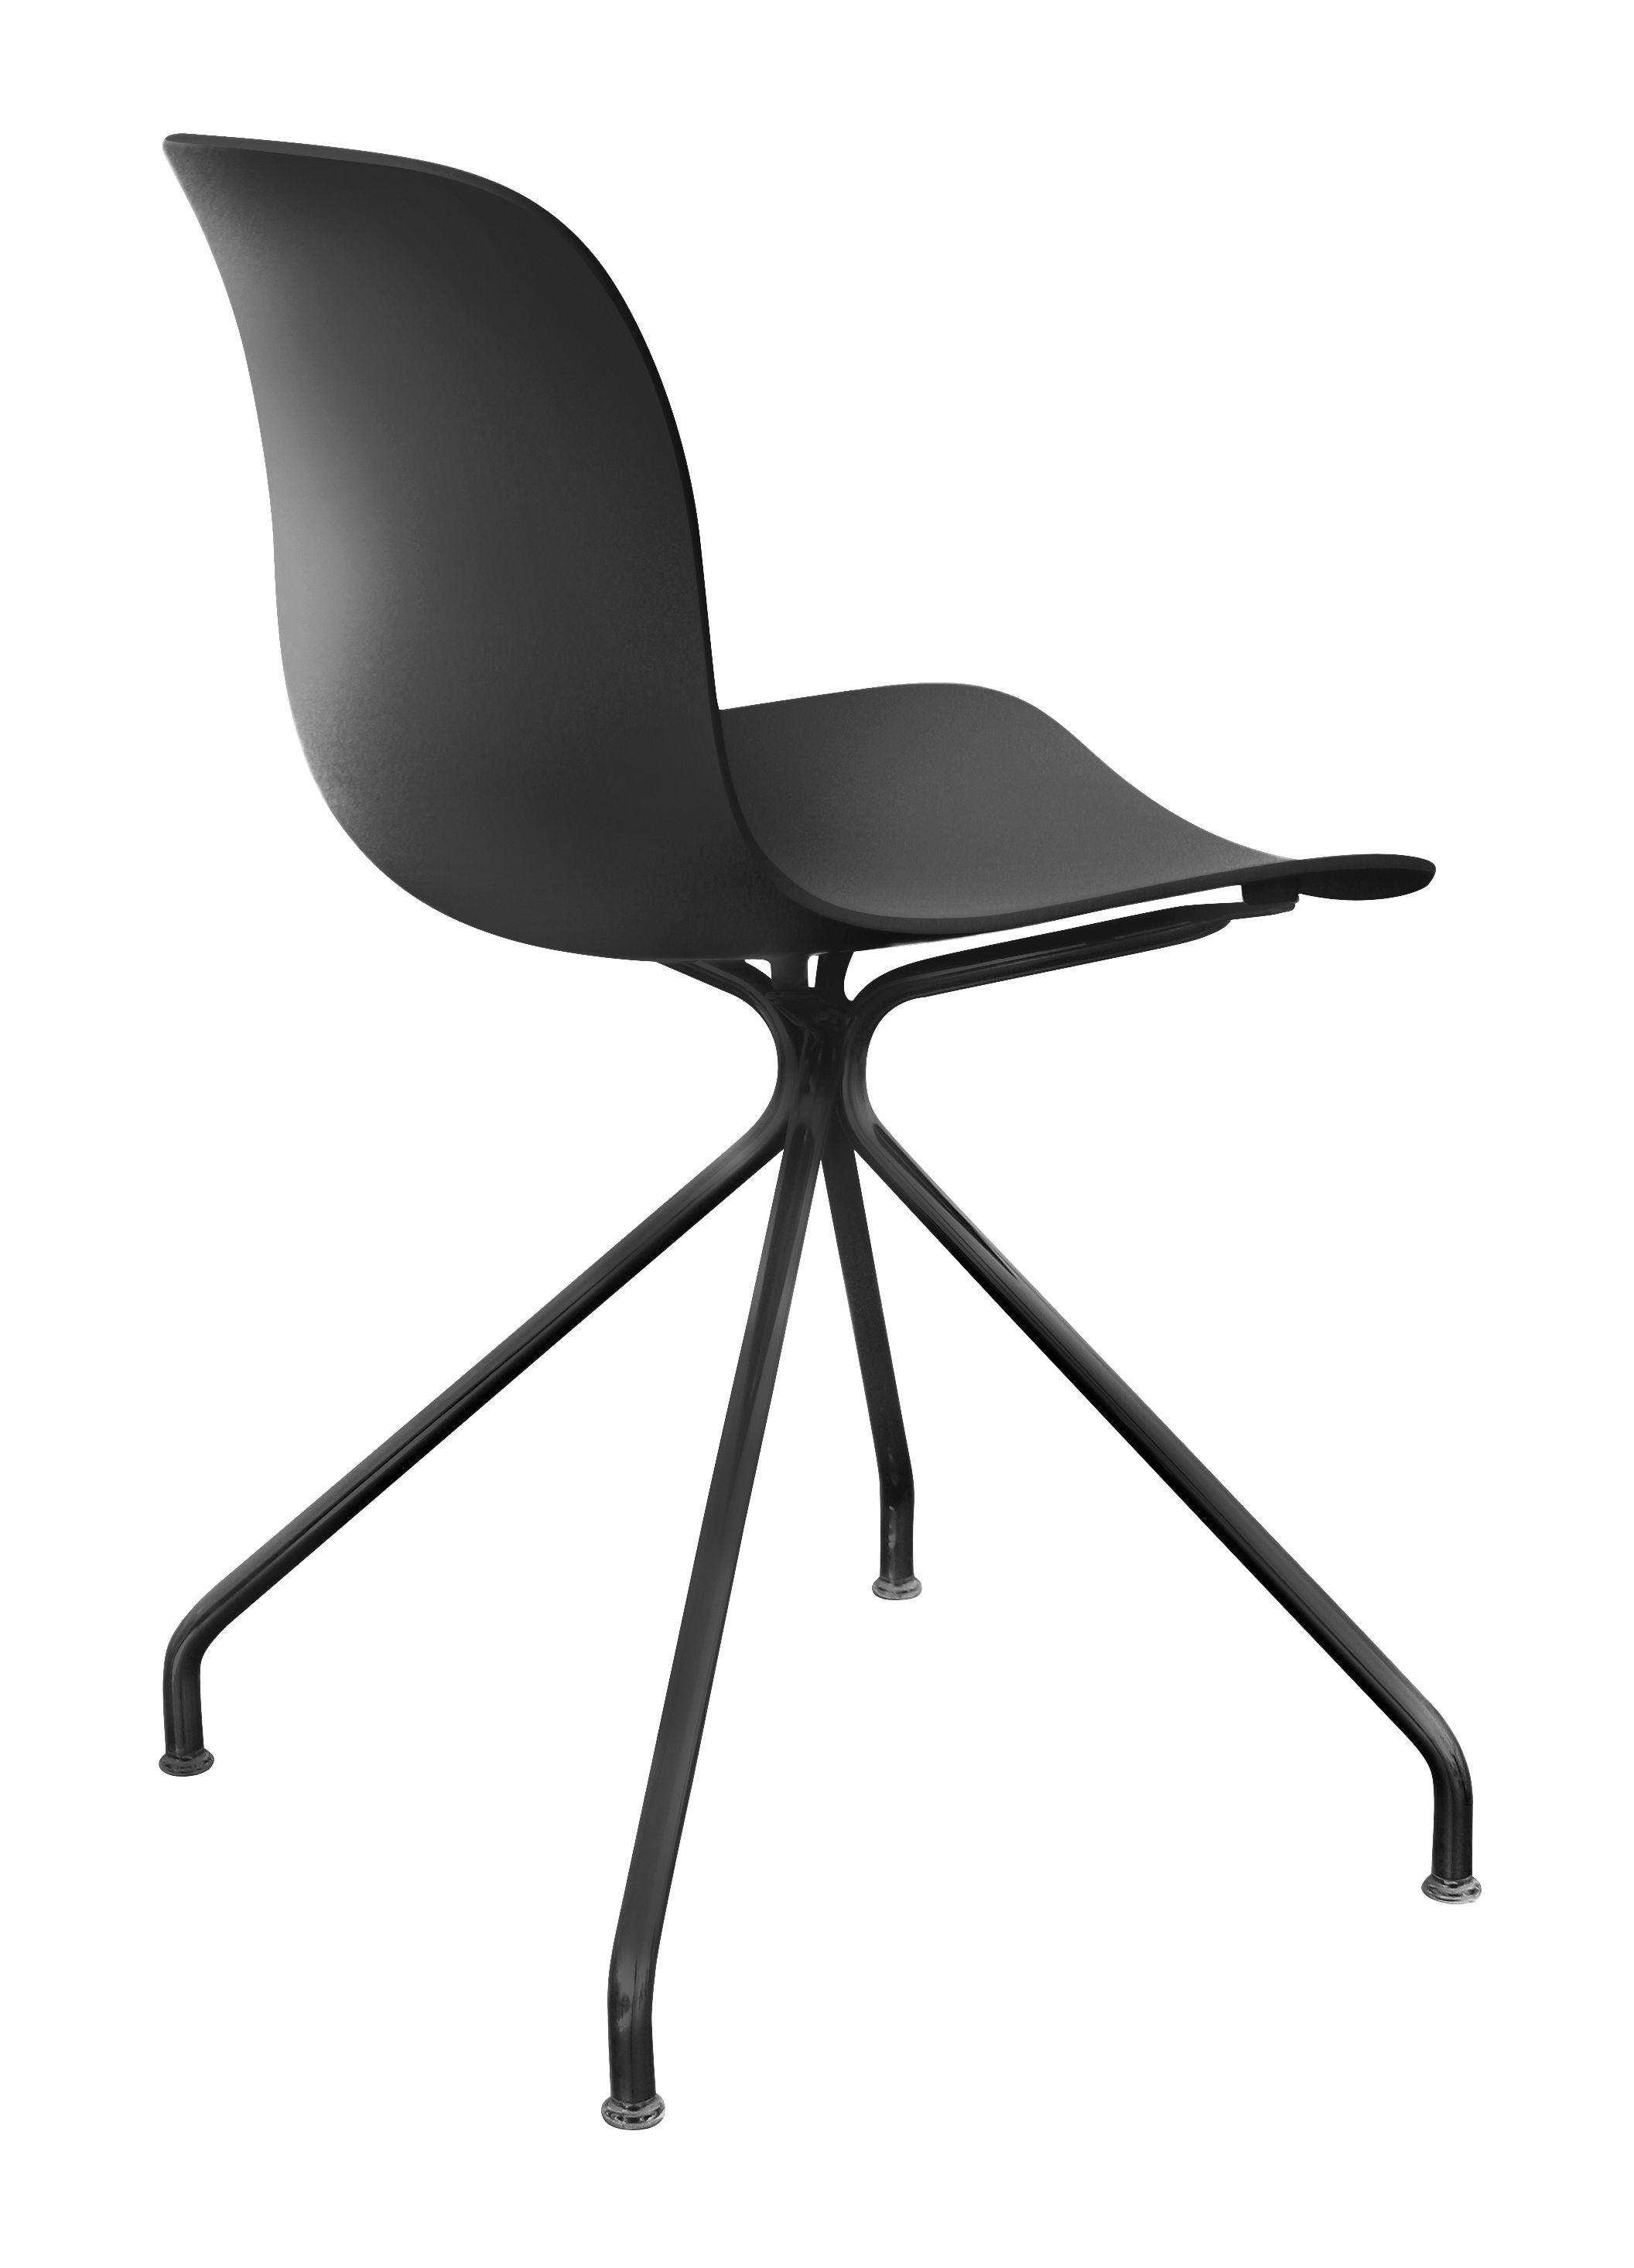 chaise troy plastique 4 branches m tal noir magis. Black Bedroom Furniture Sets. Home Design Ideas